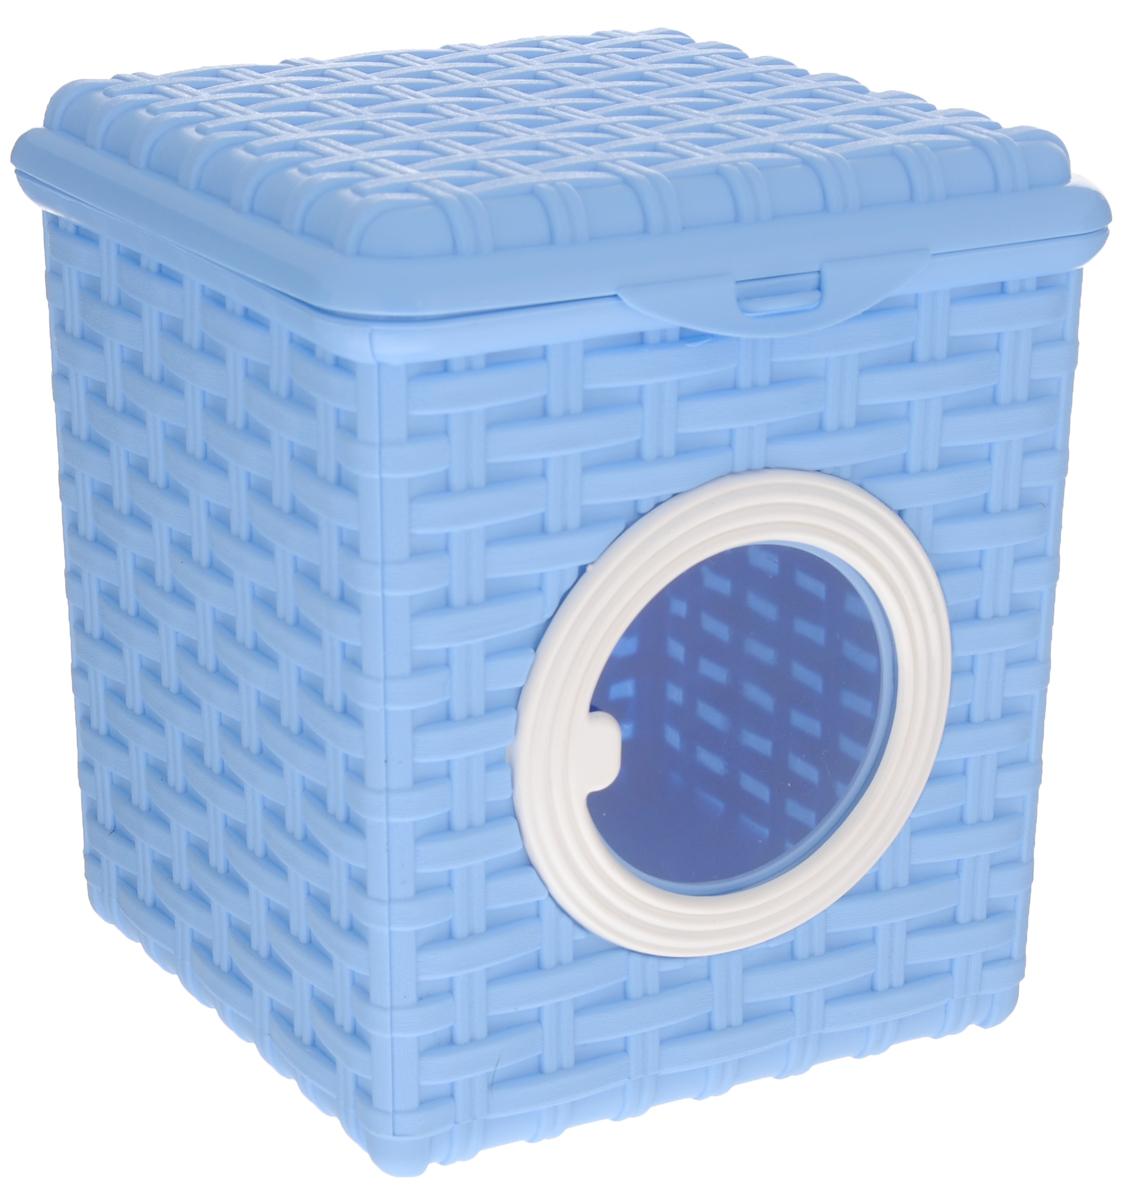 Контейнер для мелочей Violet, цвет: голубой, 18 см х 18,5 см х 14,5 см16050Контейнер Violet изготовлен из прочного пластика и оформлен плетением под корзинку. Контейнер имеет прозрачное пластиковое окошко и откидную крышку, которая закрывается на защелку. Контейнер Violet идеально подойдет для хранения различных мелочей.Объем: 3 л.